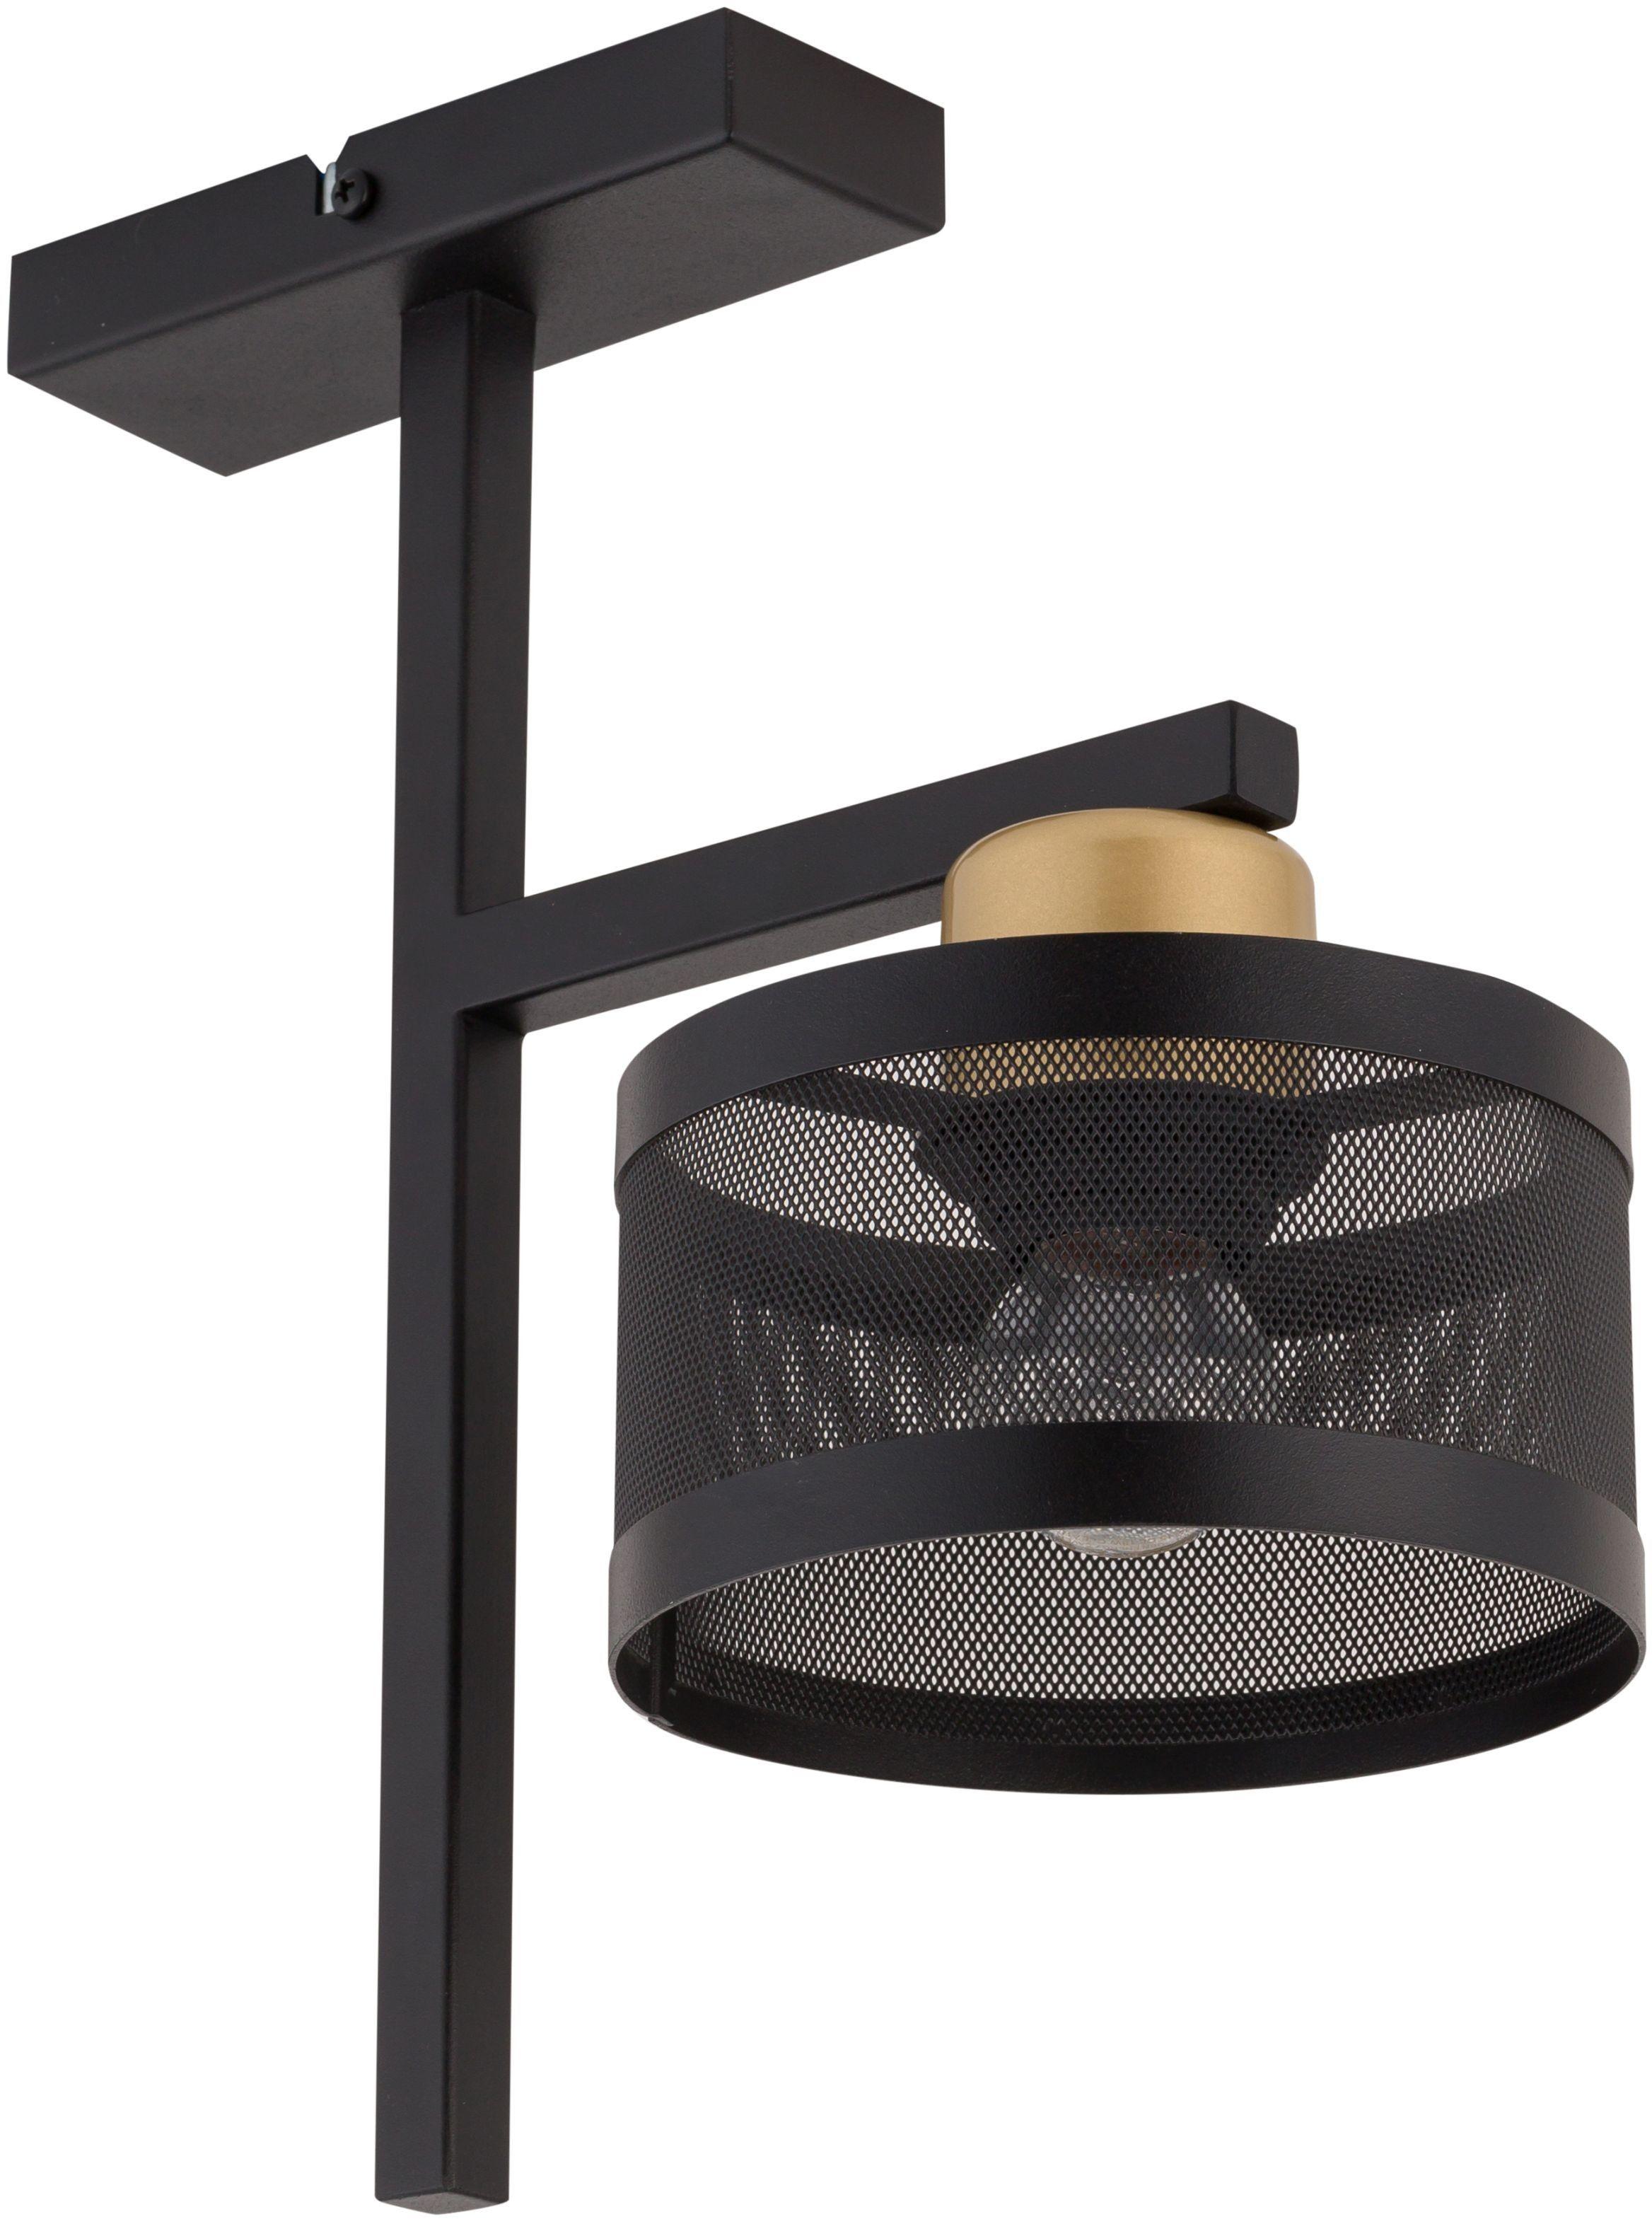 Lampa sufitowa czarno złota Off 1 punktowa metalowa 32141 - Sigma Do -17% rabatu w koszyku i darmowa dostawa od 299zł !